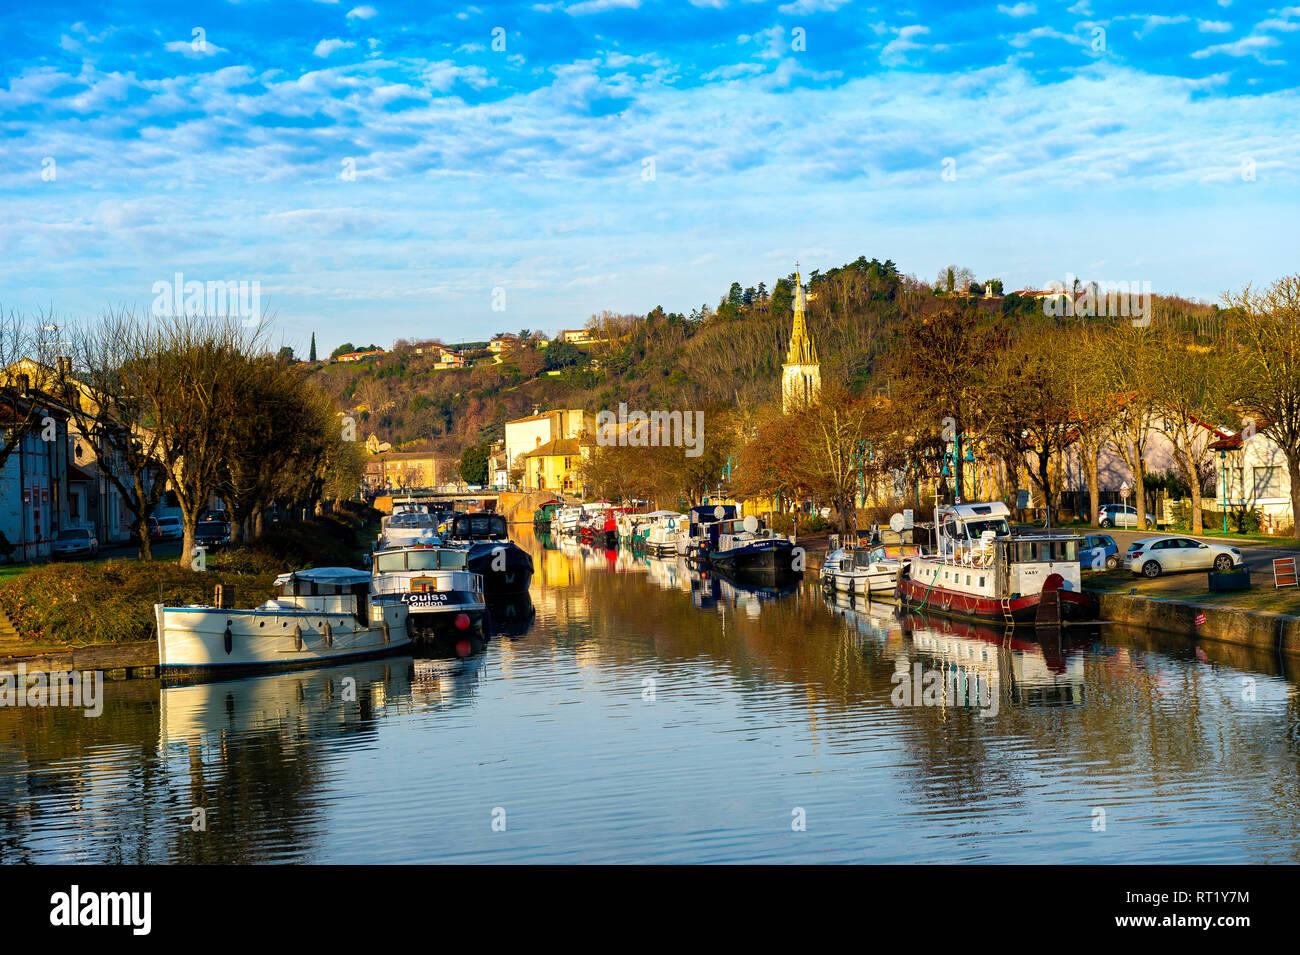 Ville de Moissac Tarn et Garonne Occitanie France Europe 82 Stock Photo